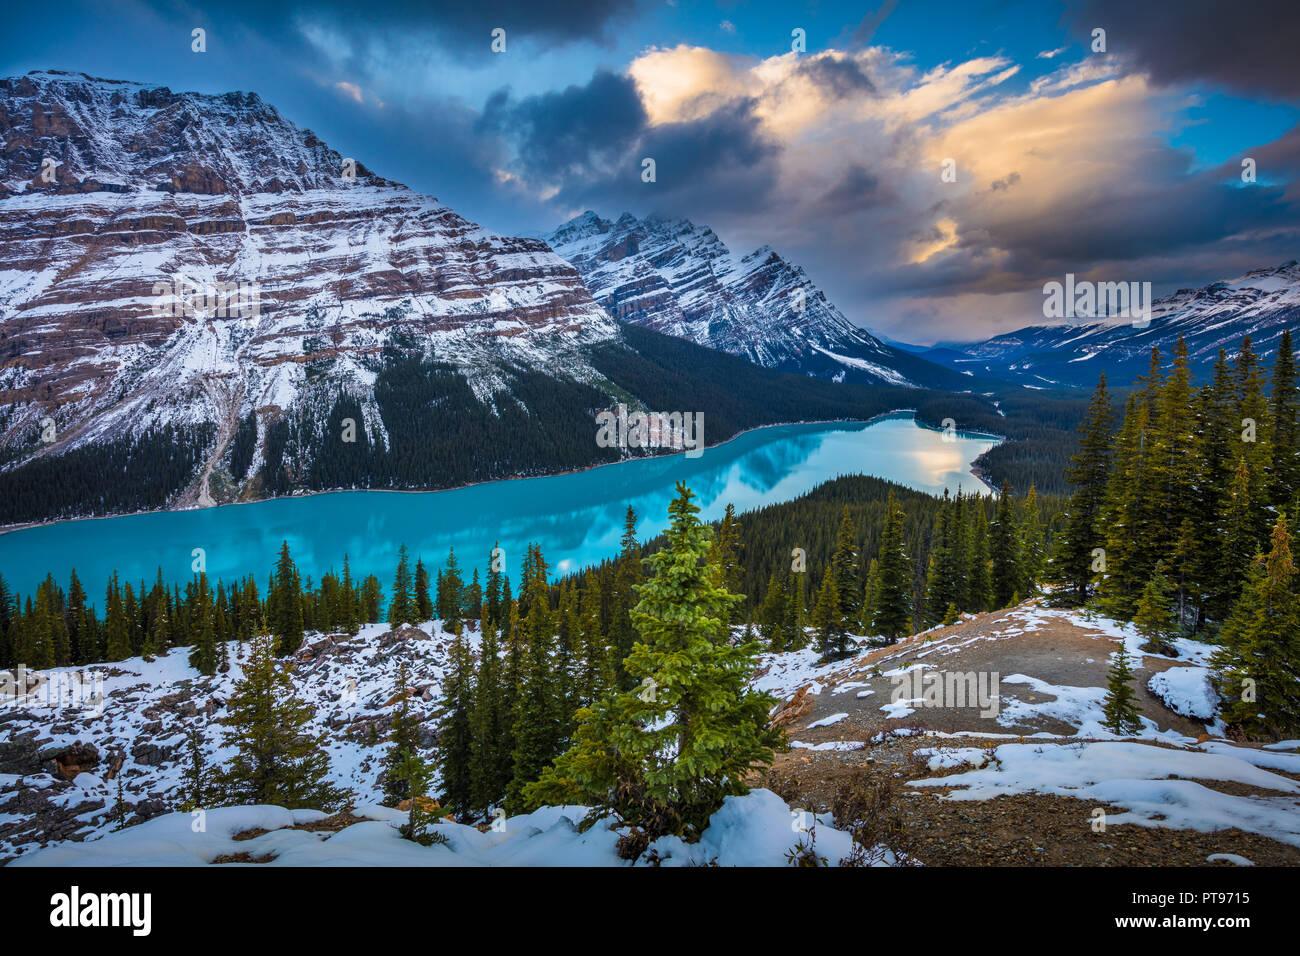 Peyto Lake ist ein Gletscher-fed Lake im Banff Nationalpark in den Kanadischen Rockies. Der See selbst ist leicht vom Icefields Parkway abgerufen. Stockbild